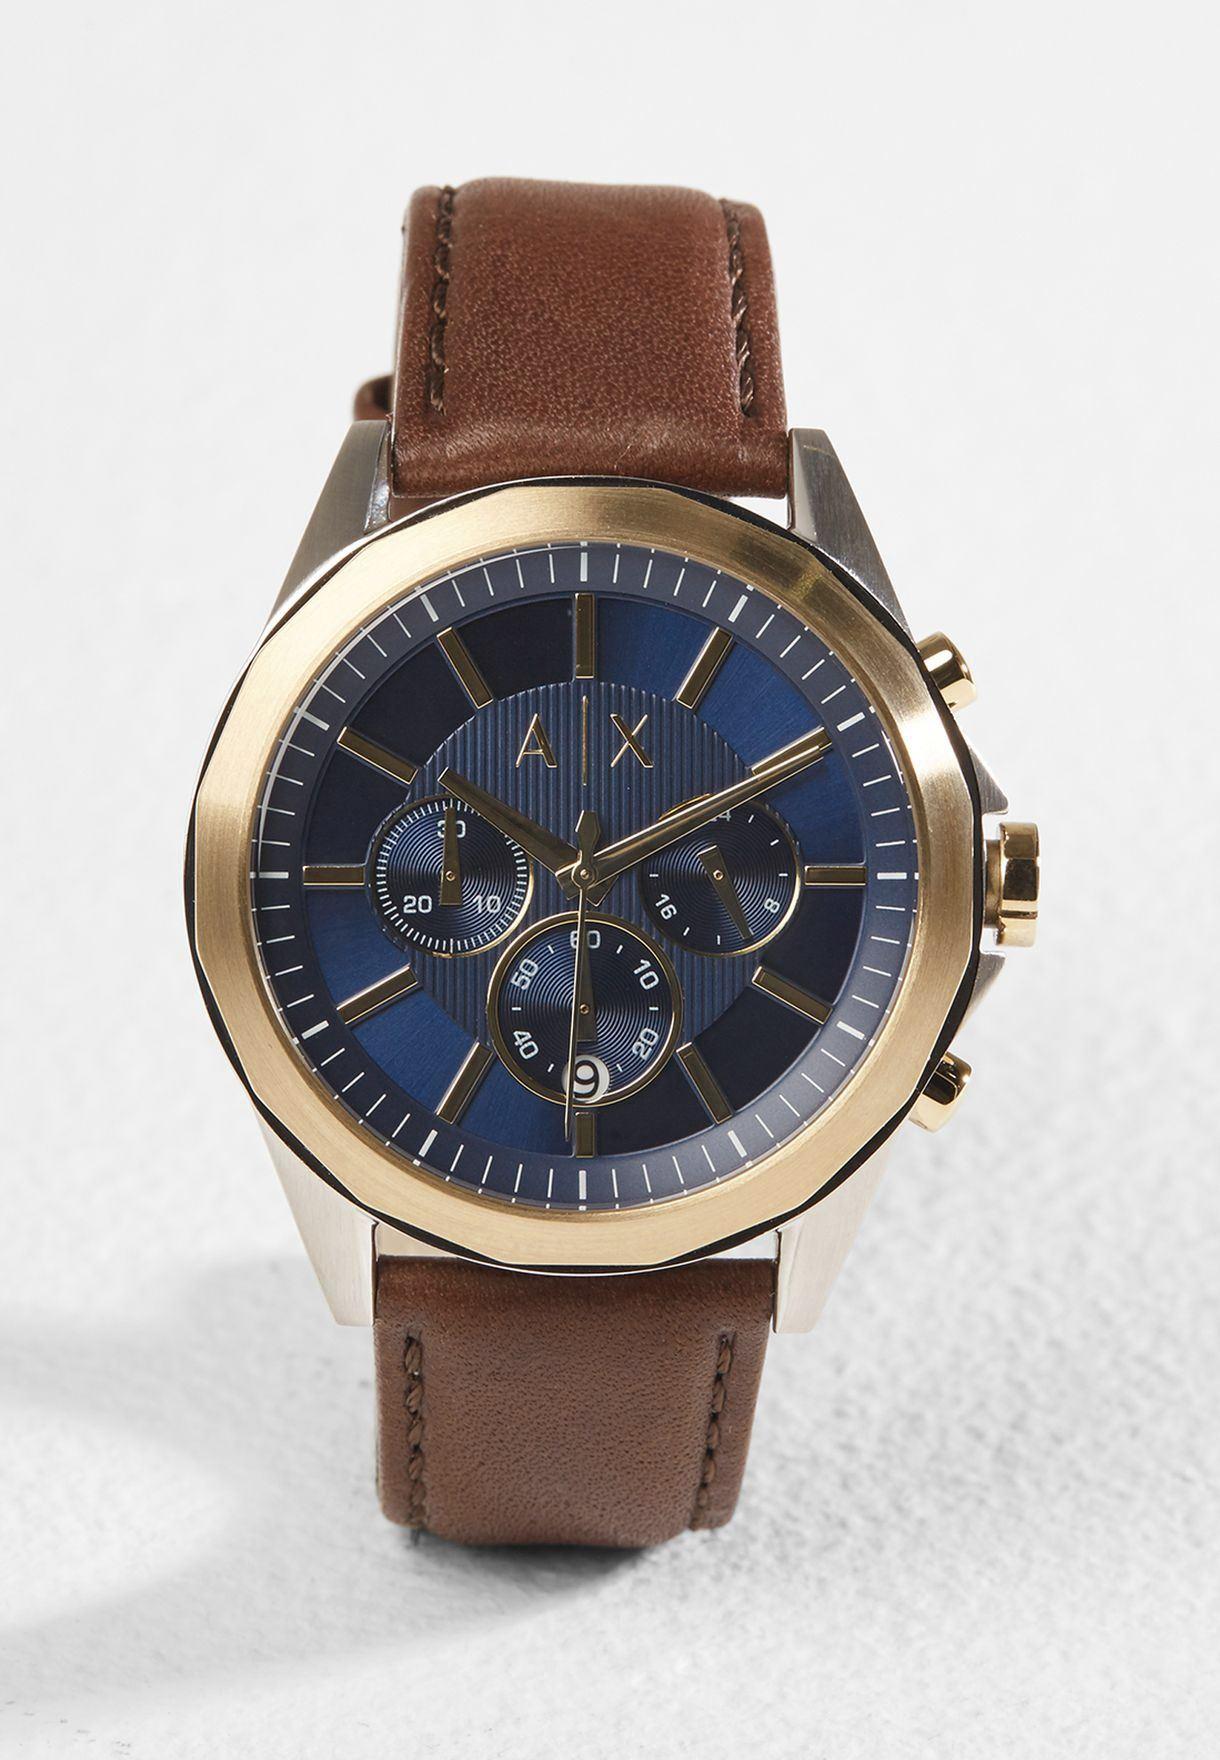 2acbb6db9592 Reloj Armani Exchange Drexler AX2612 Acero Inoxidable Correa De Cuero -  Marrón